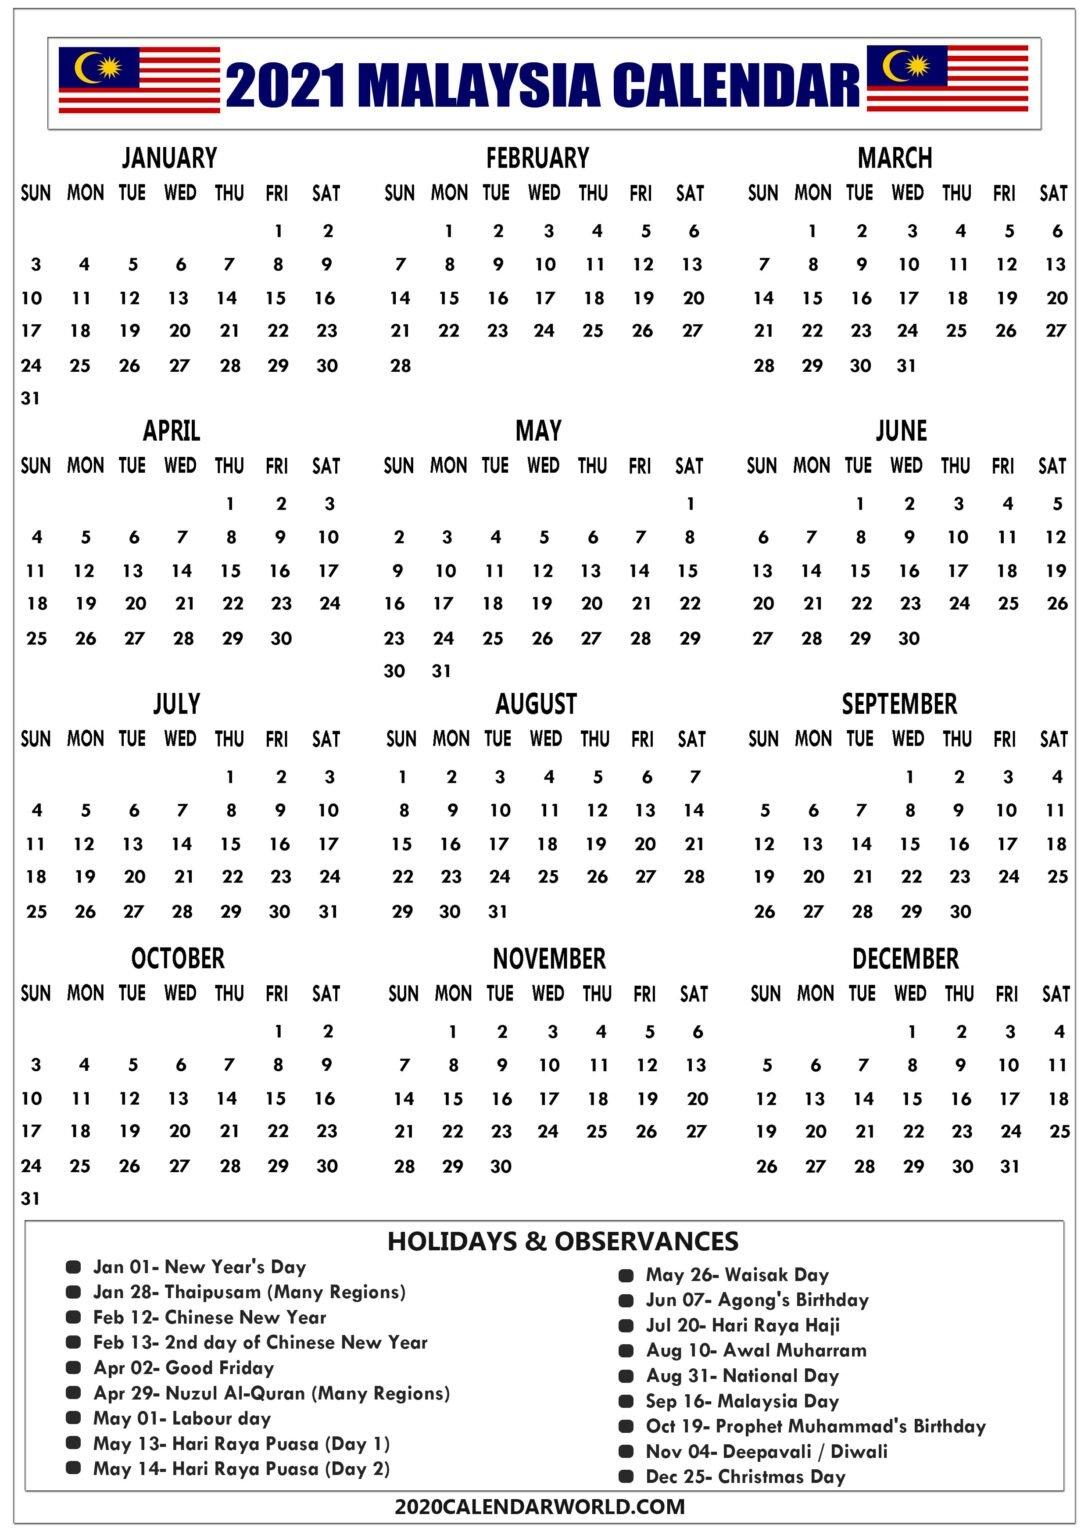 Printable Malaysia 2021 Calendar With Holidays & Observation for Calendar 2021 Malaysia Image Malaysia Photo